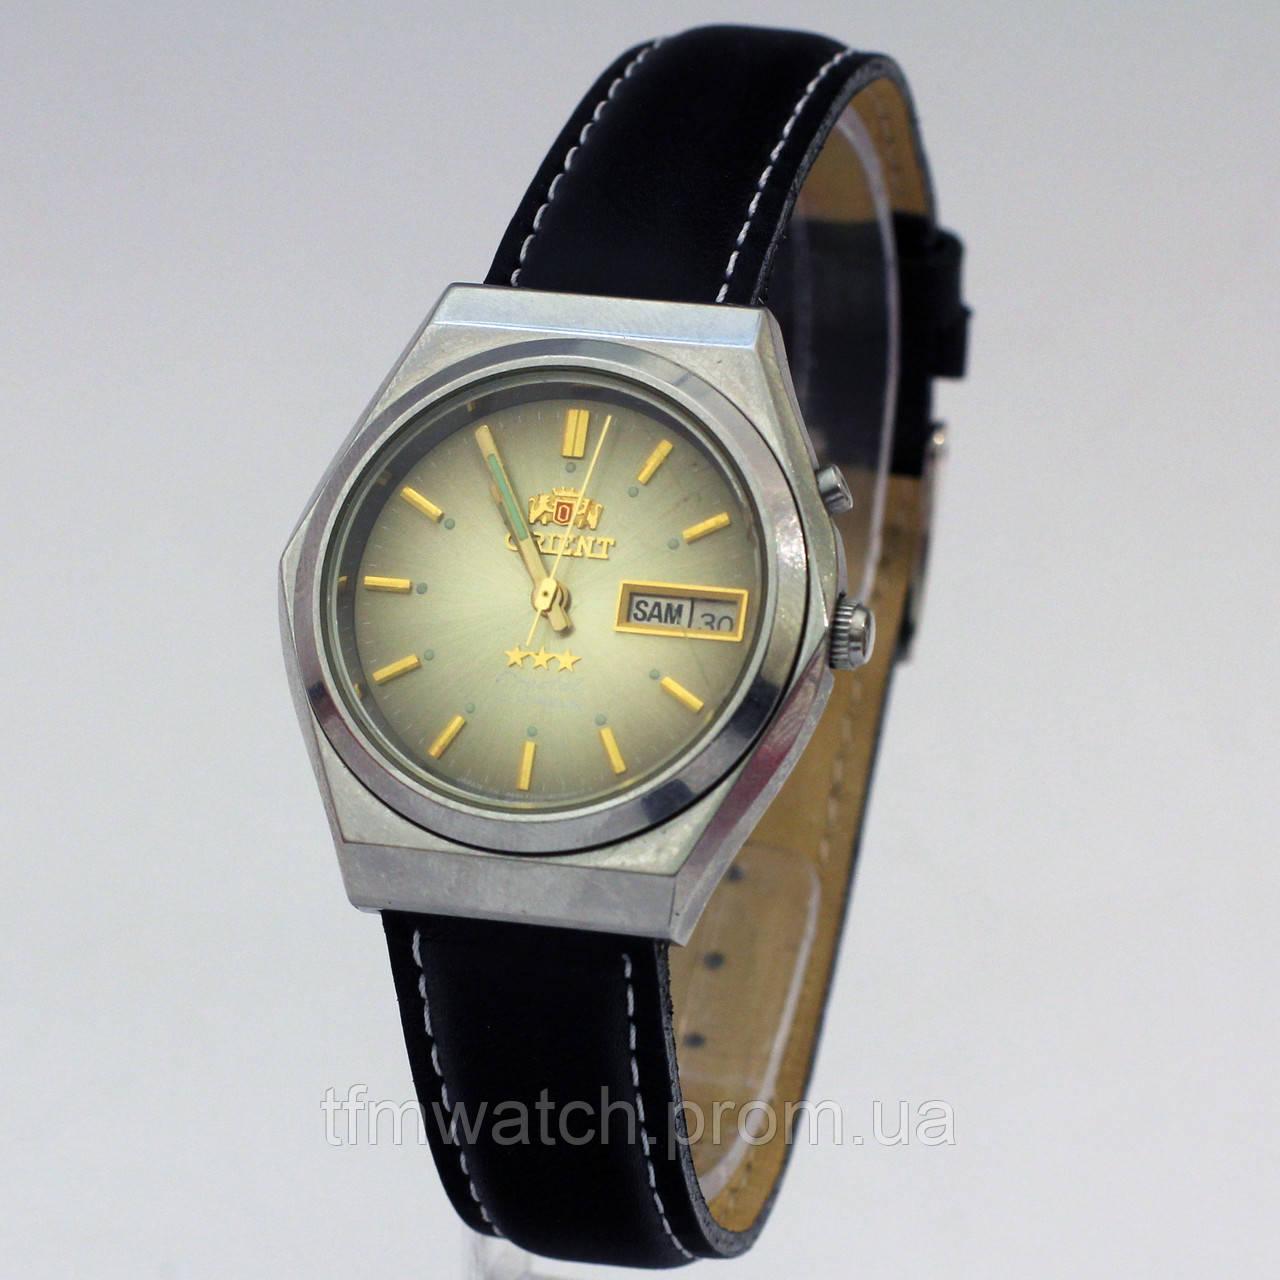 Механические часы Ориент